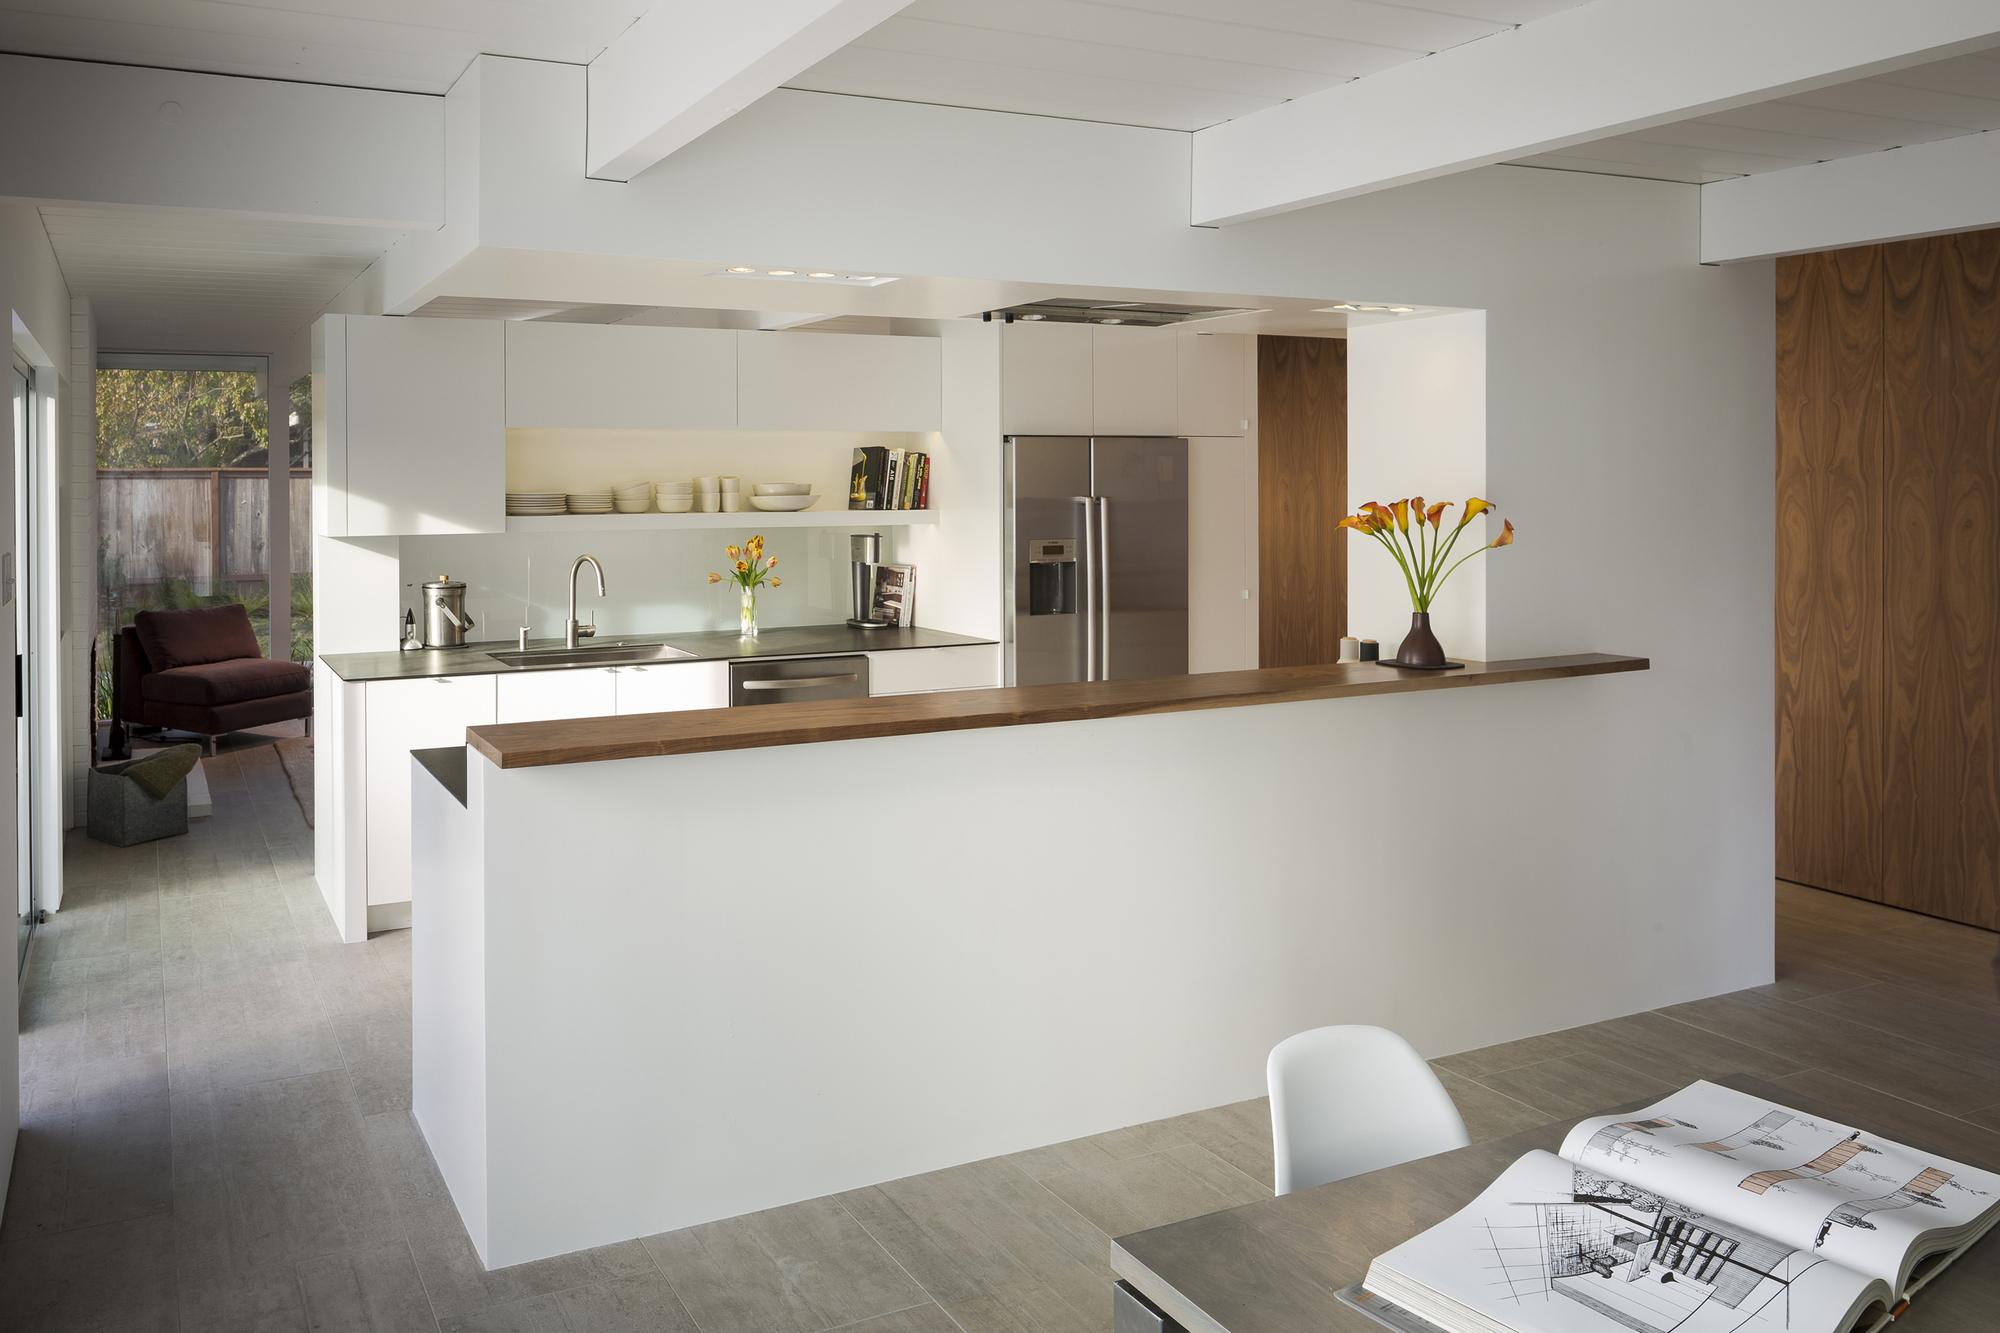 5306c5e3c07a80c45f0000d1_shoup-residence-buildin-lab_2880px_hargis_131117_9819